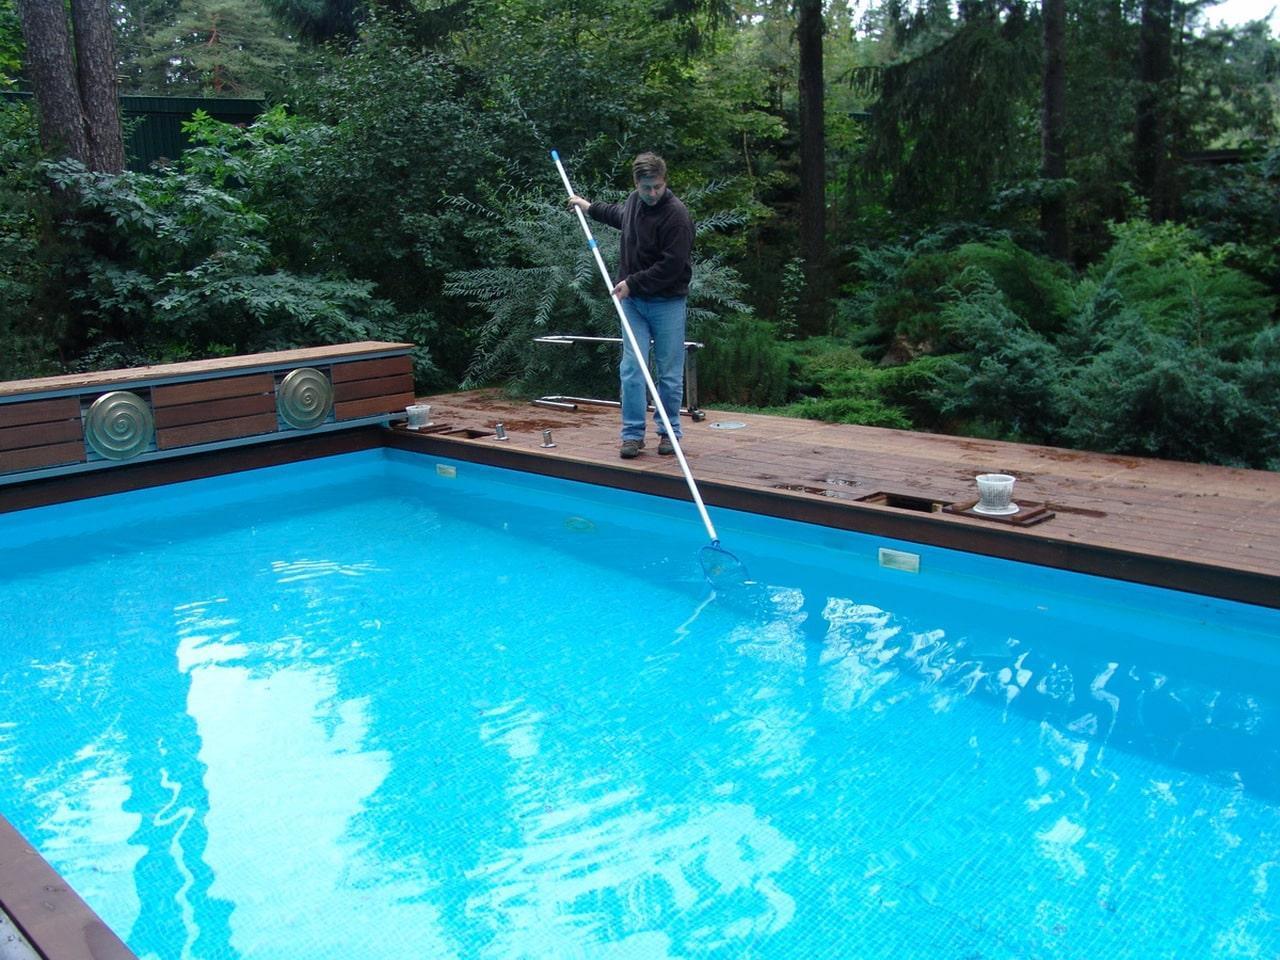 Бассейн уход - правила обслуживания бассейнов